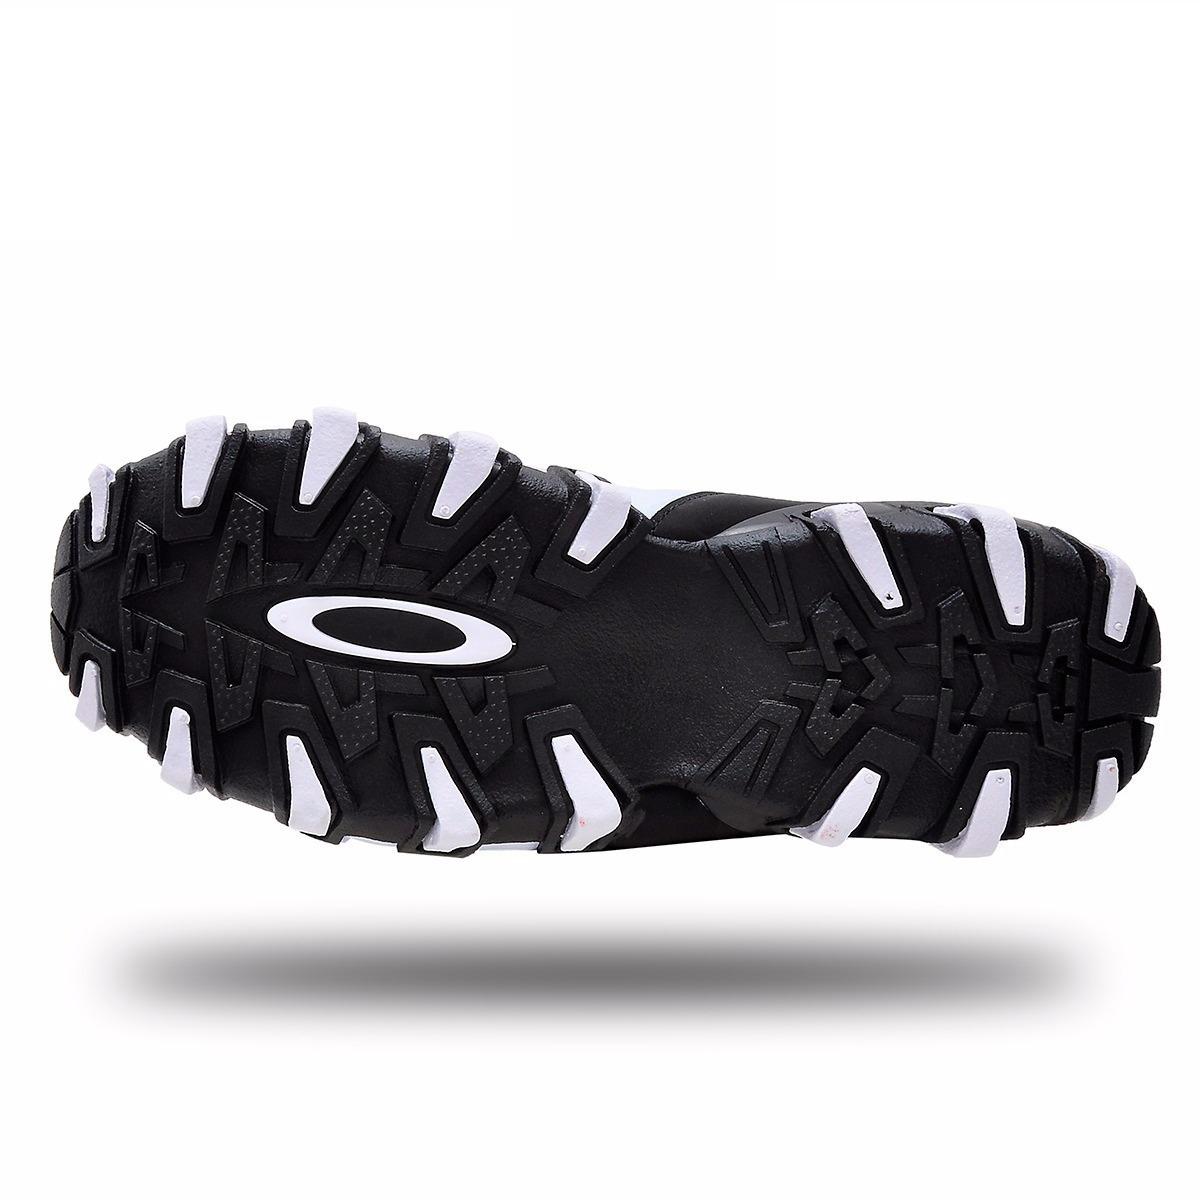 tenis oakley masculino juvenil escolar promoção bota s  cano. Carregando  zoom. 08a6654e933